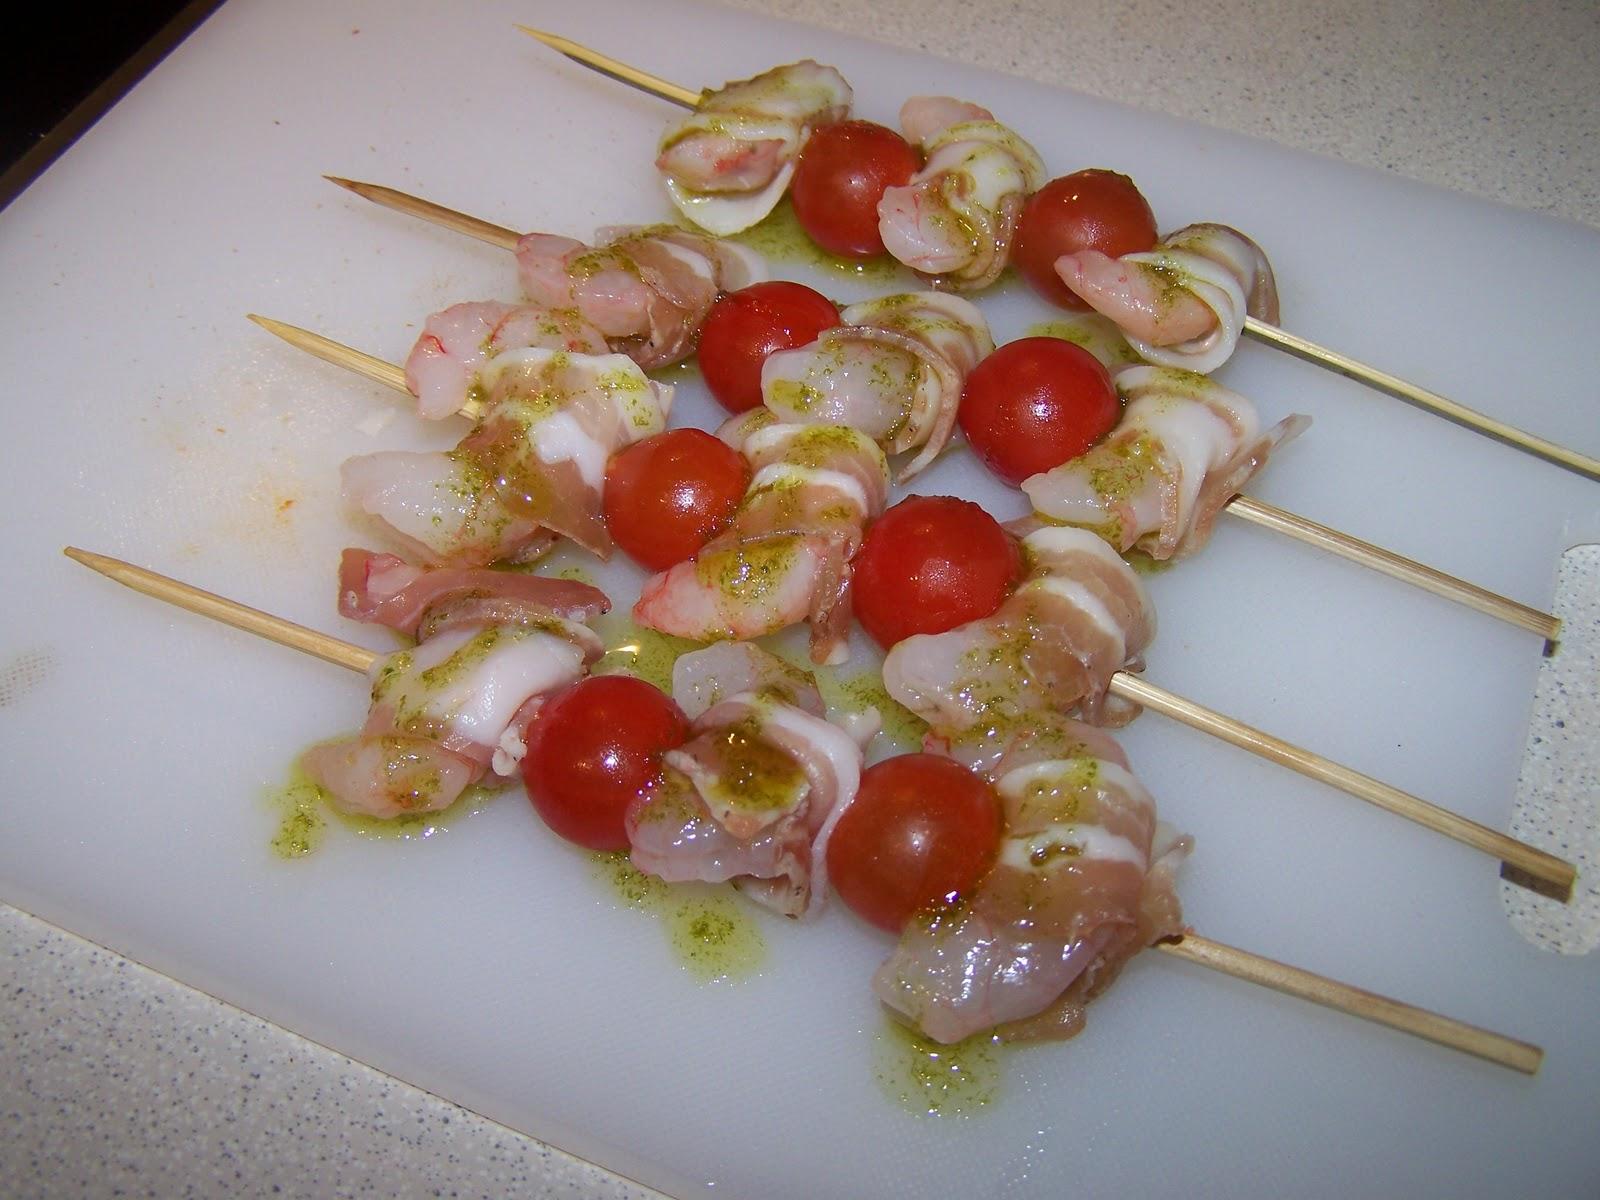 Mis cocinicas brochetas de gambas y bacon - Brocheta de langostinos y bacon ...